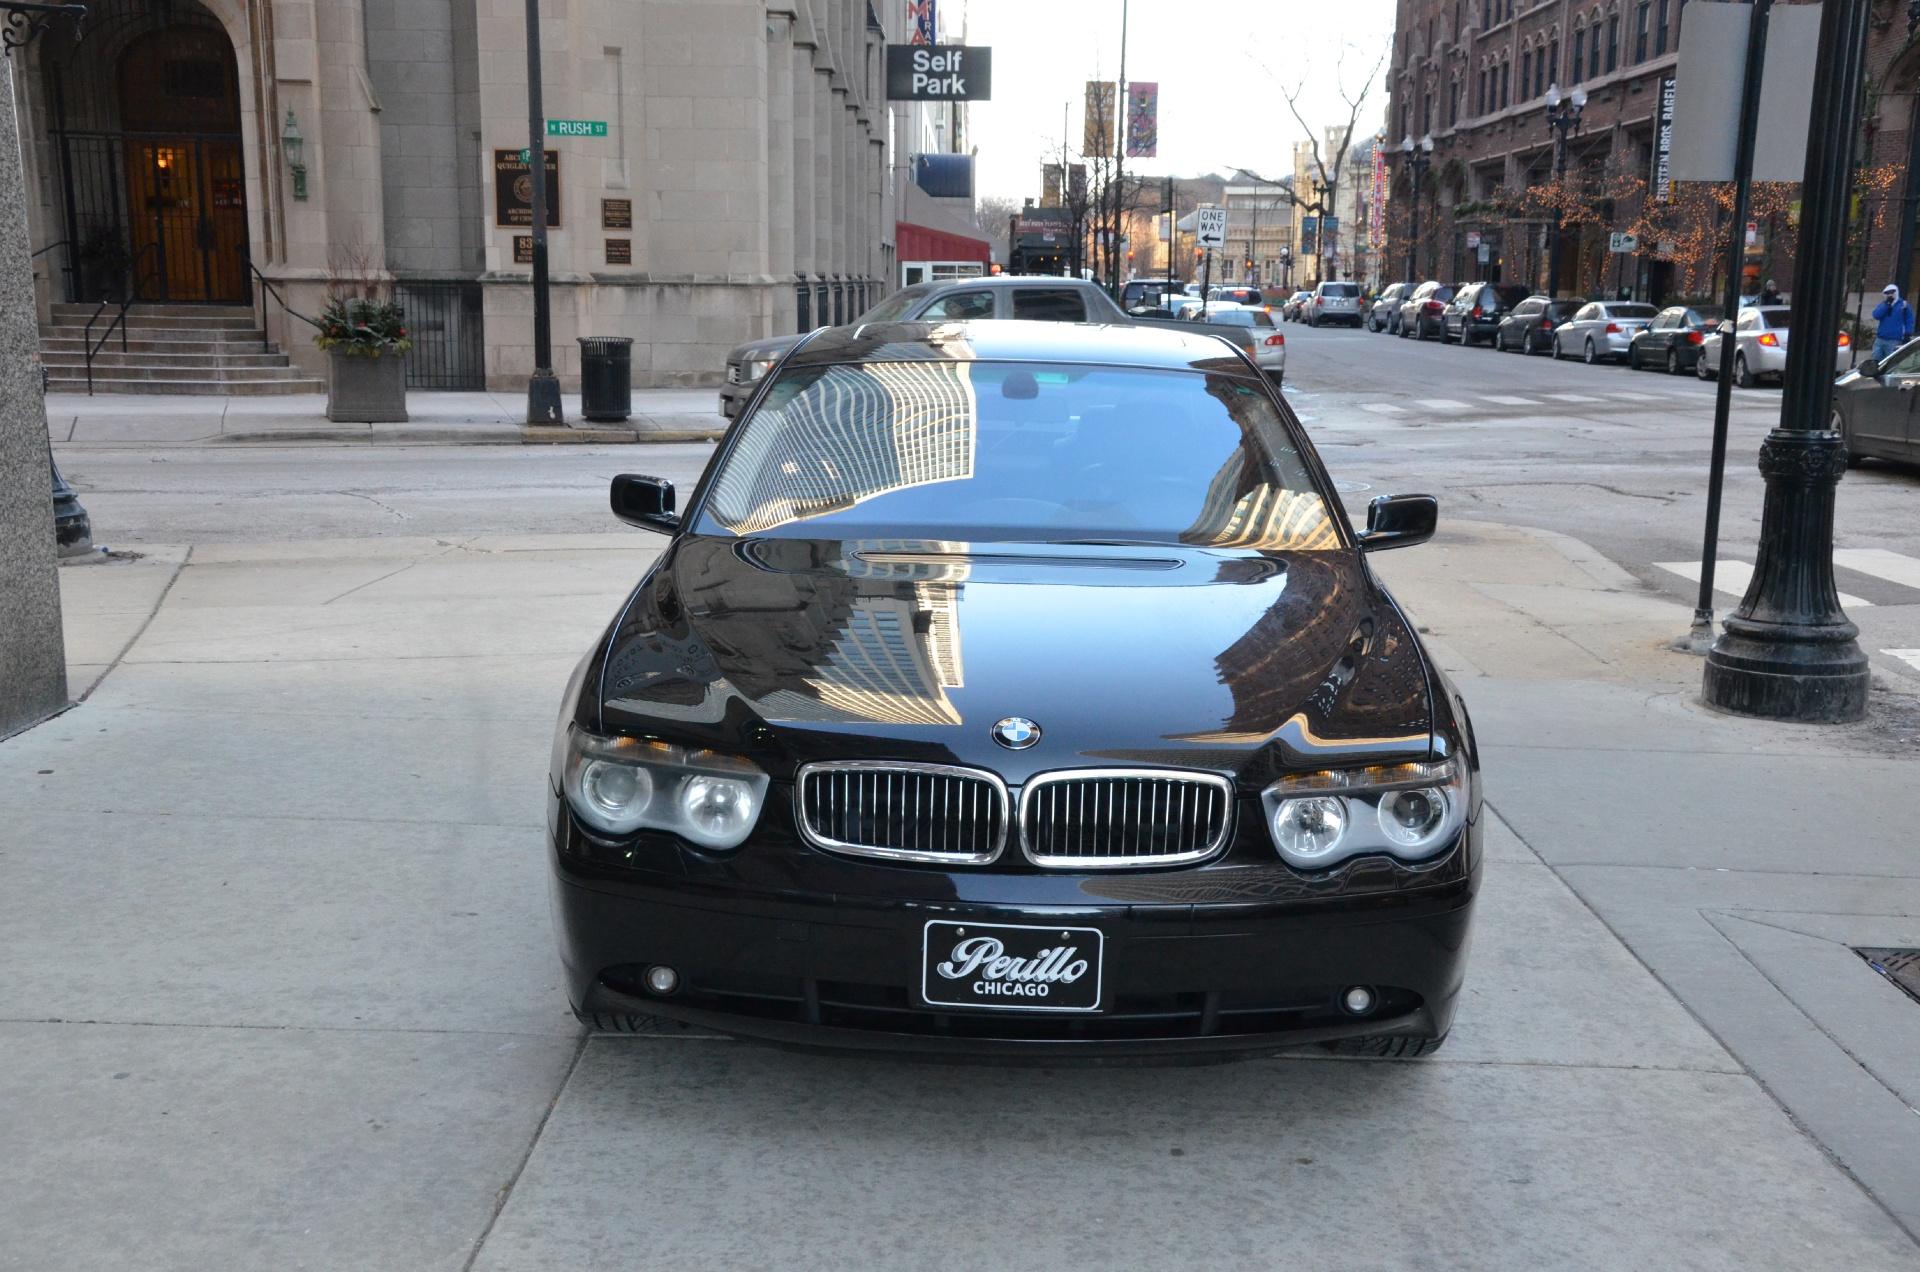 BMW Series I Stock For Sale Near Chicago IL - 2002 bmw 745i price